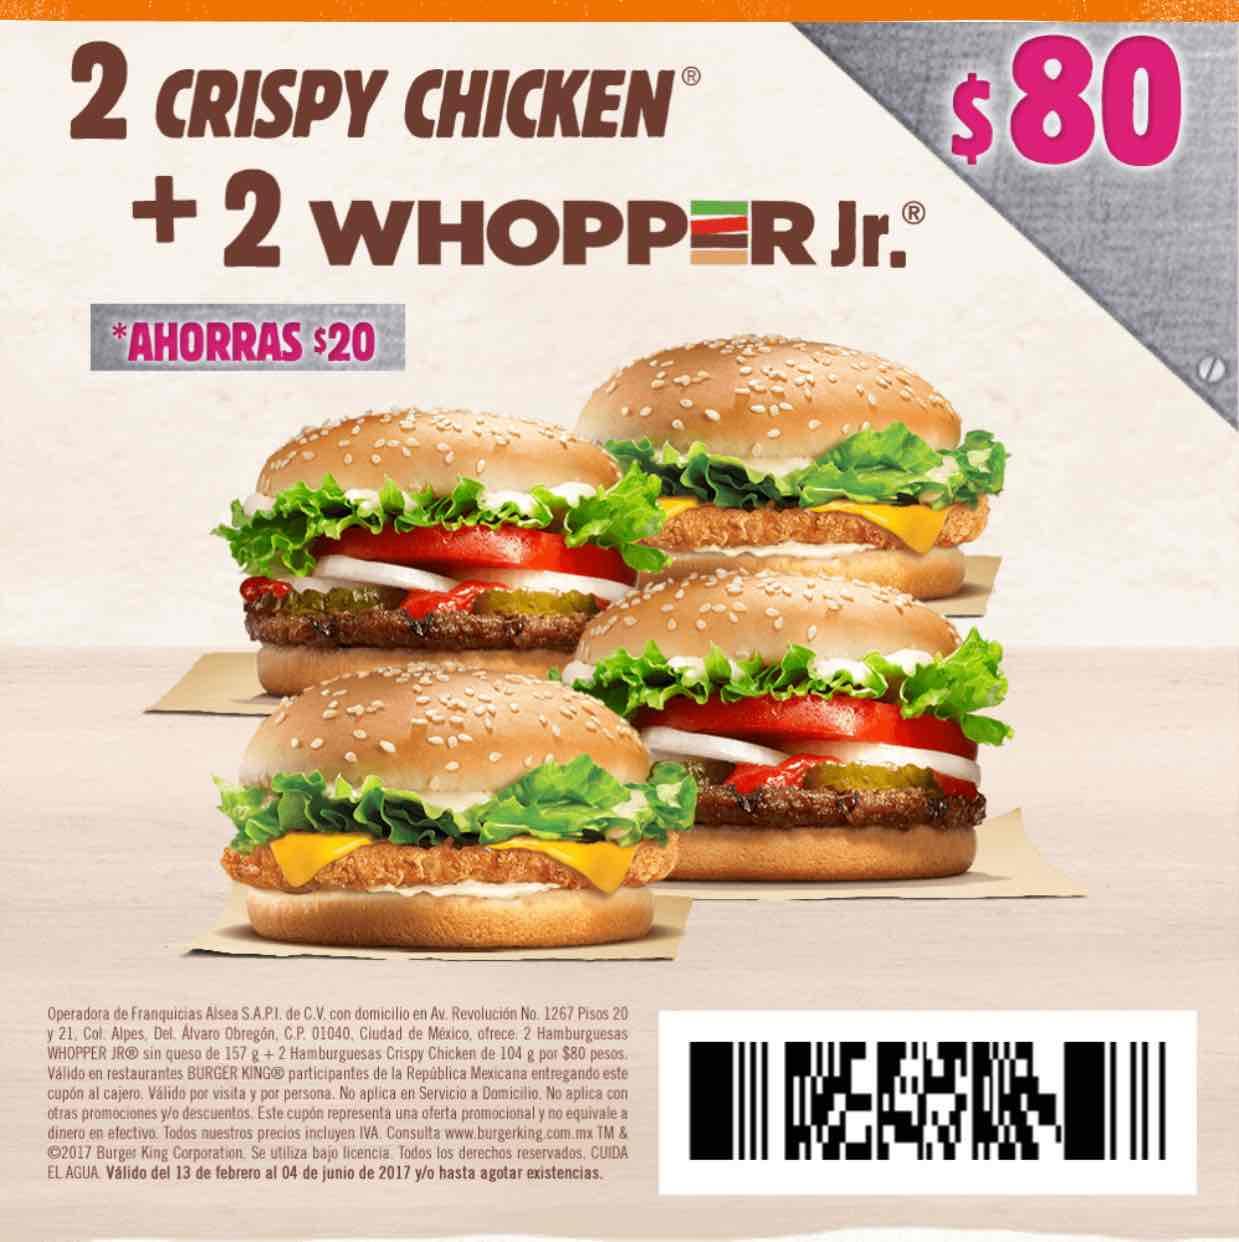 Burger King: cupón para 2 crispy chicken y 2 whopper jr por $80